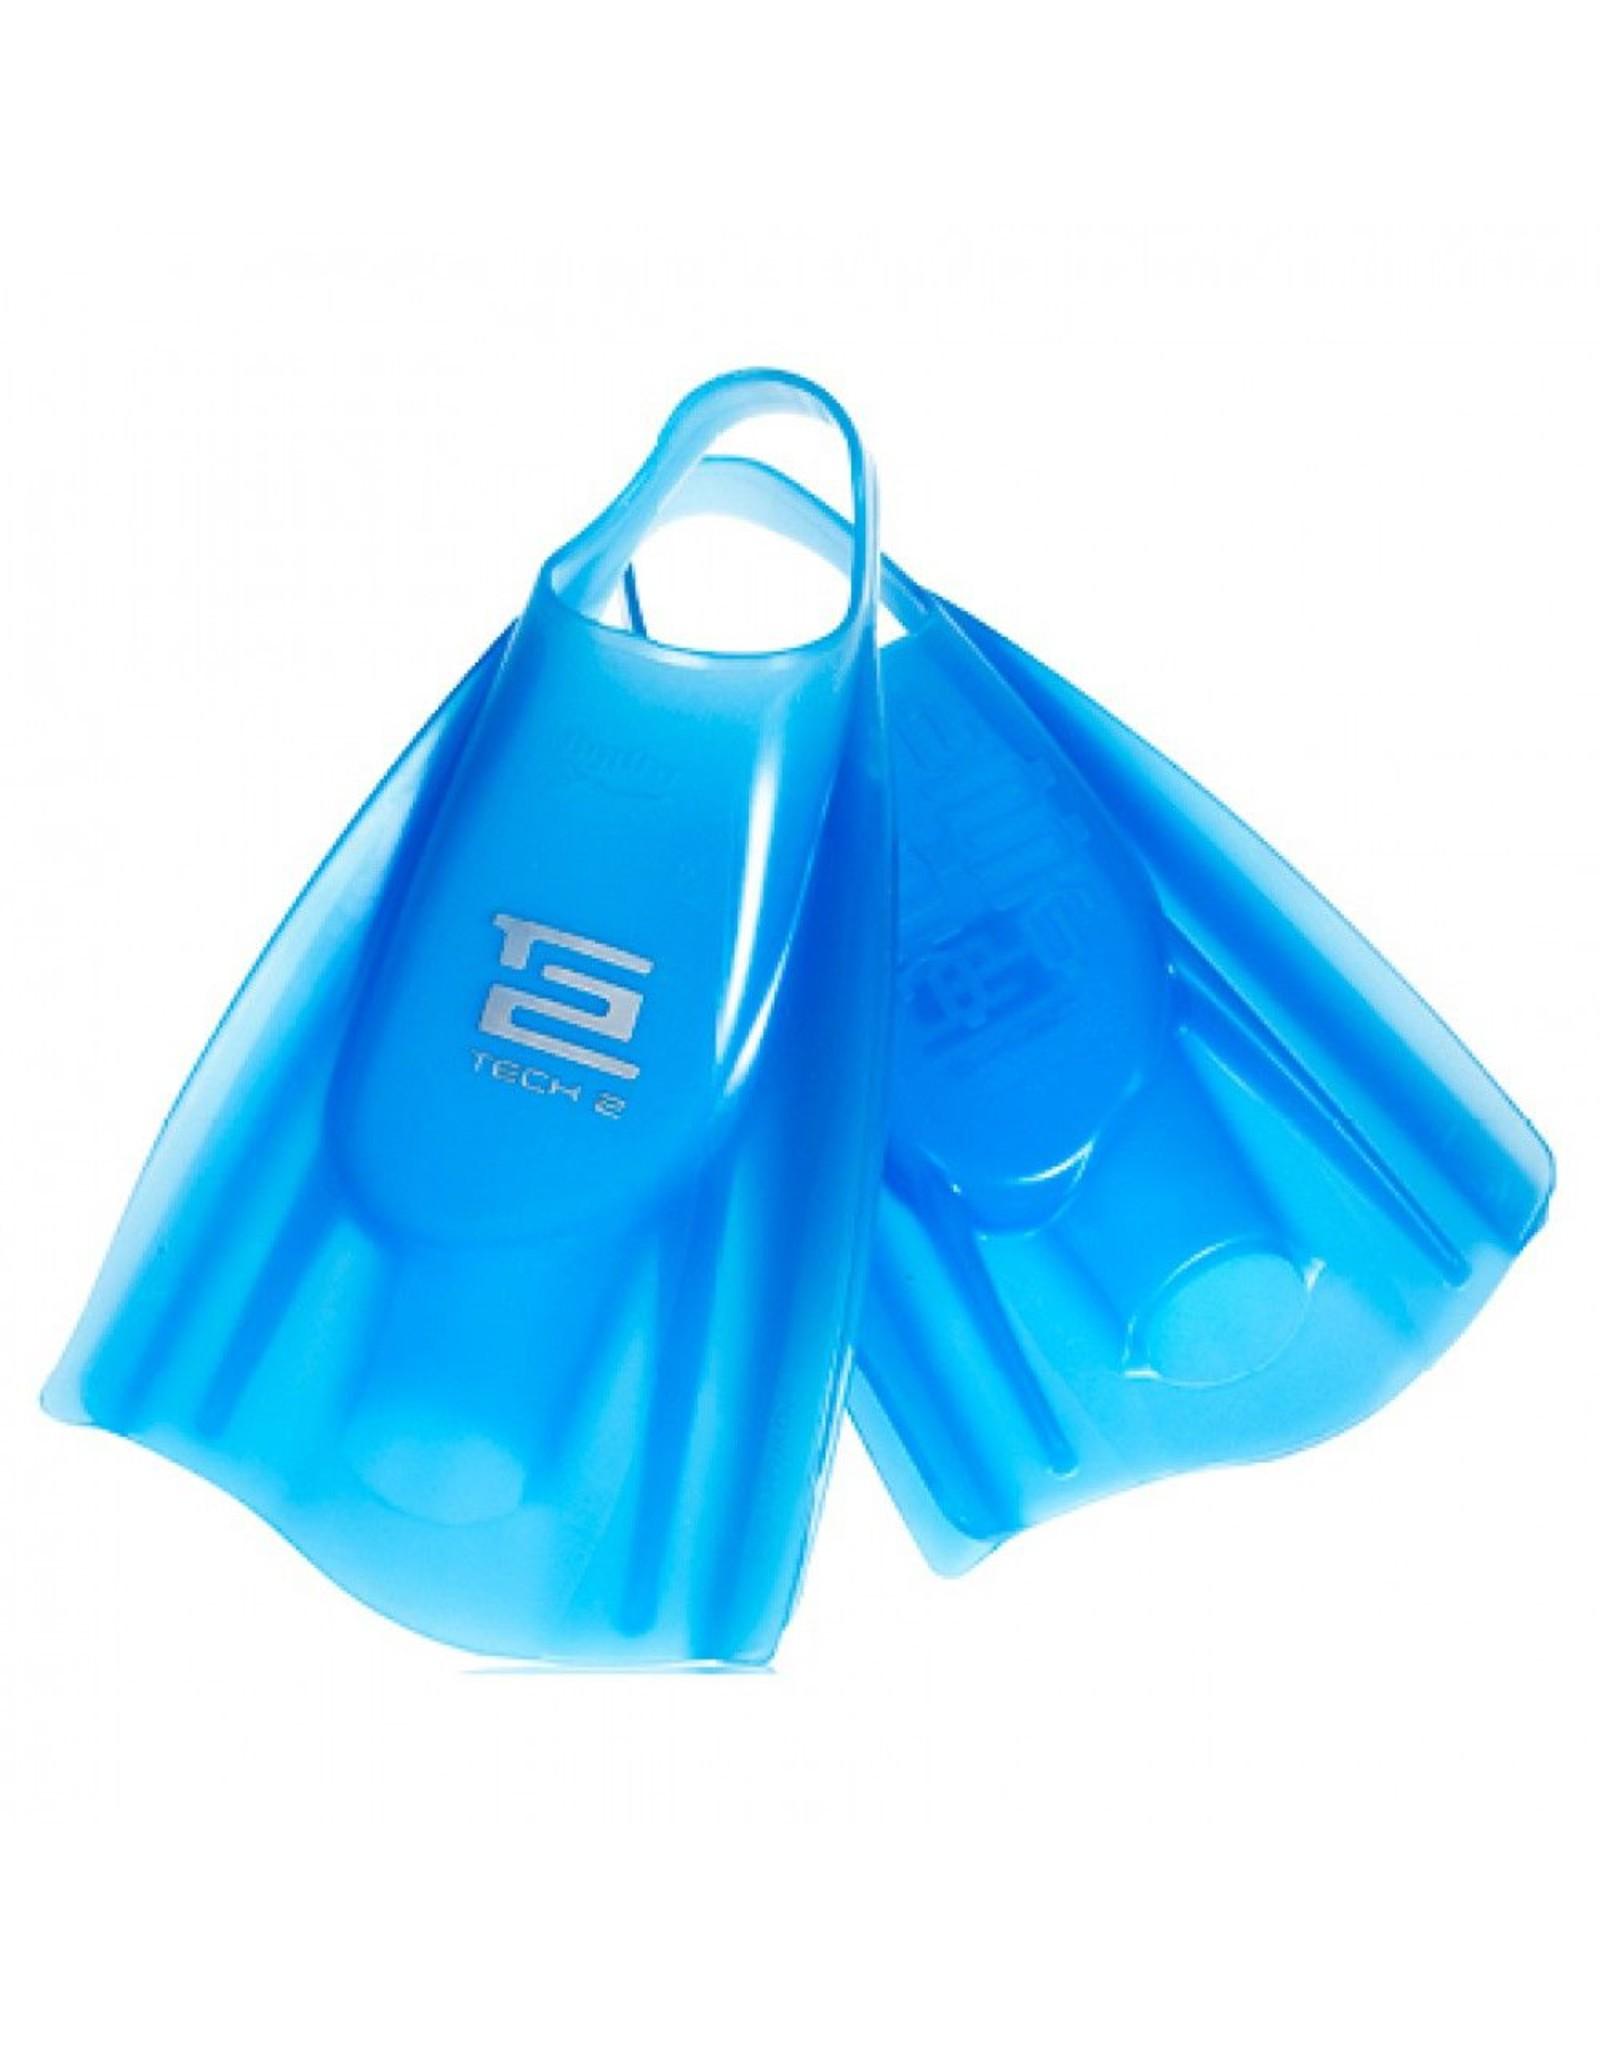 Hydro Hydro - Tech 2 Swim Fin Ice Blue - M/L (9-10)